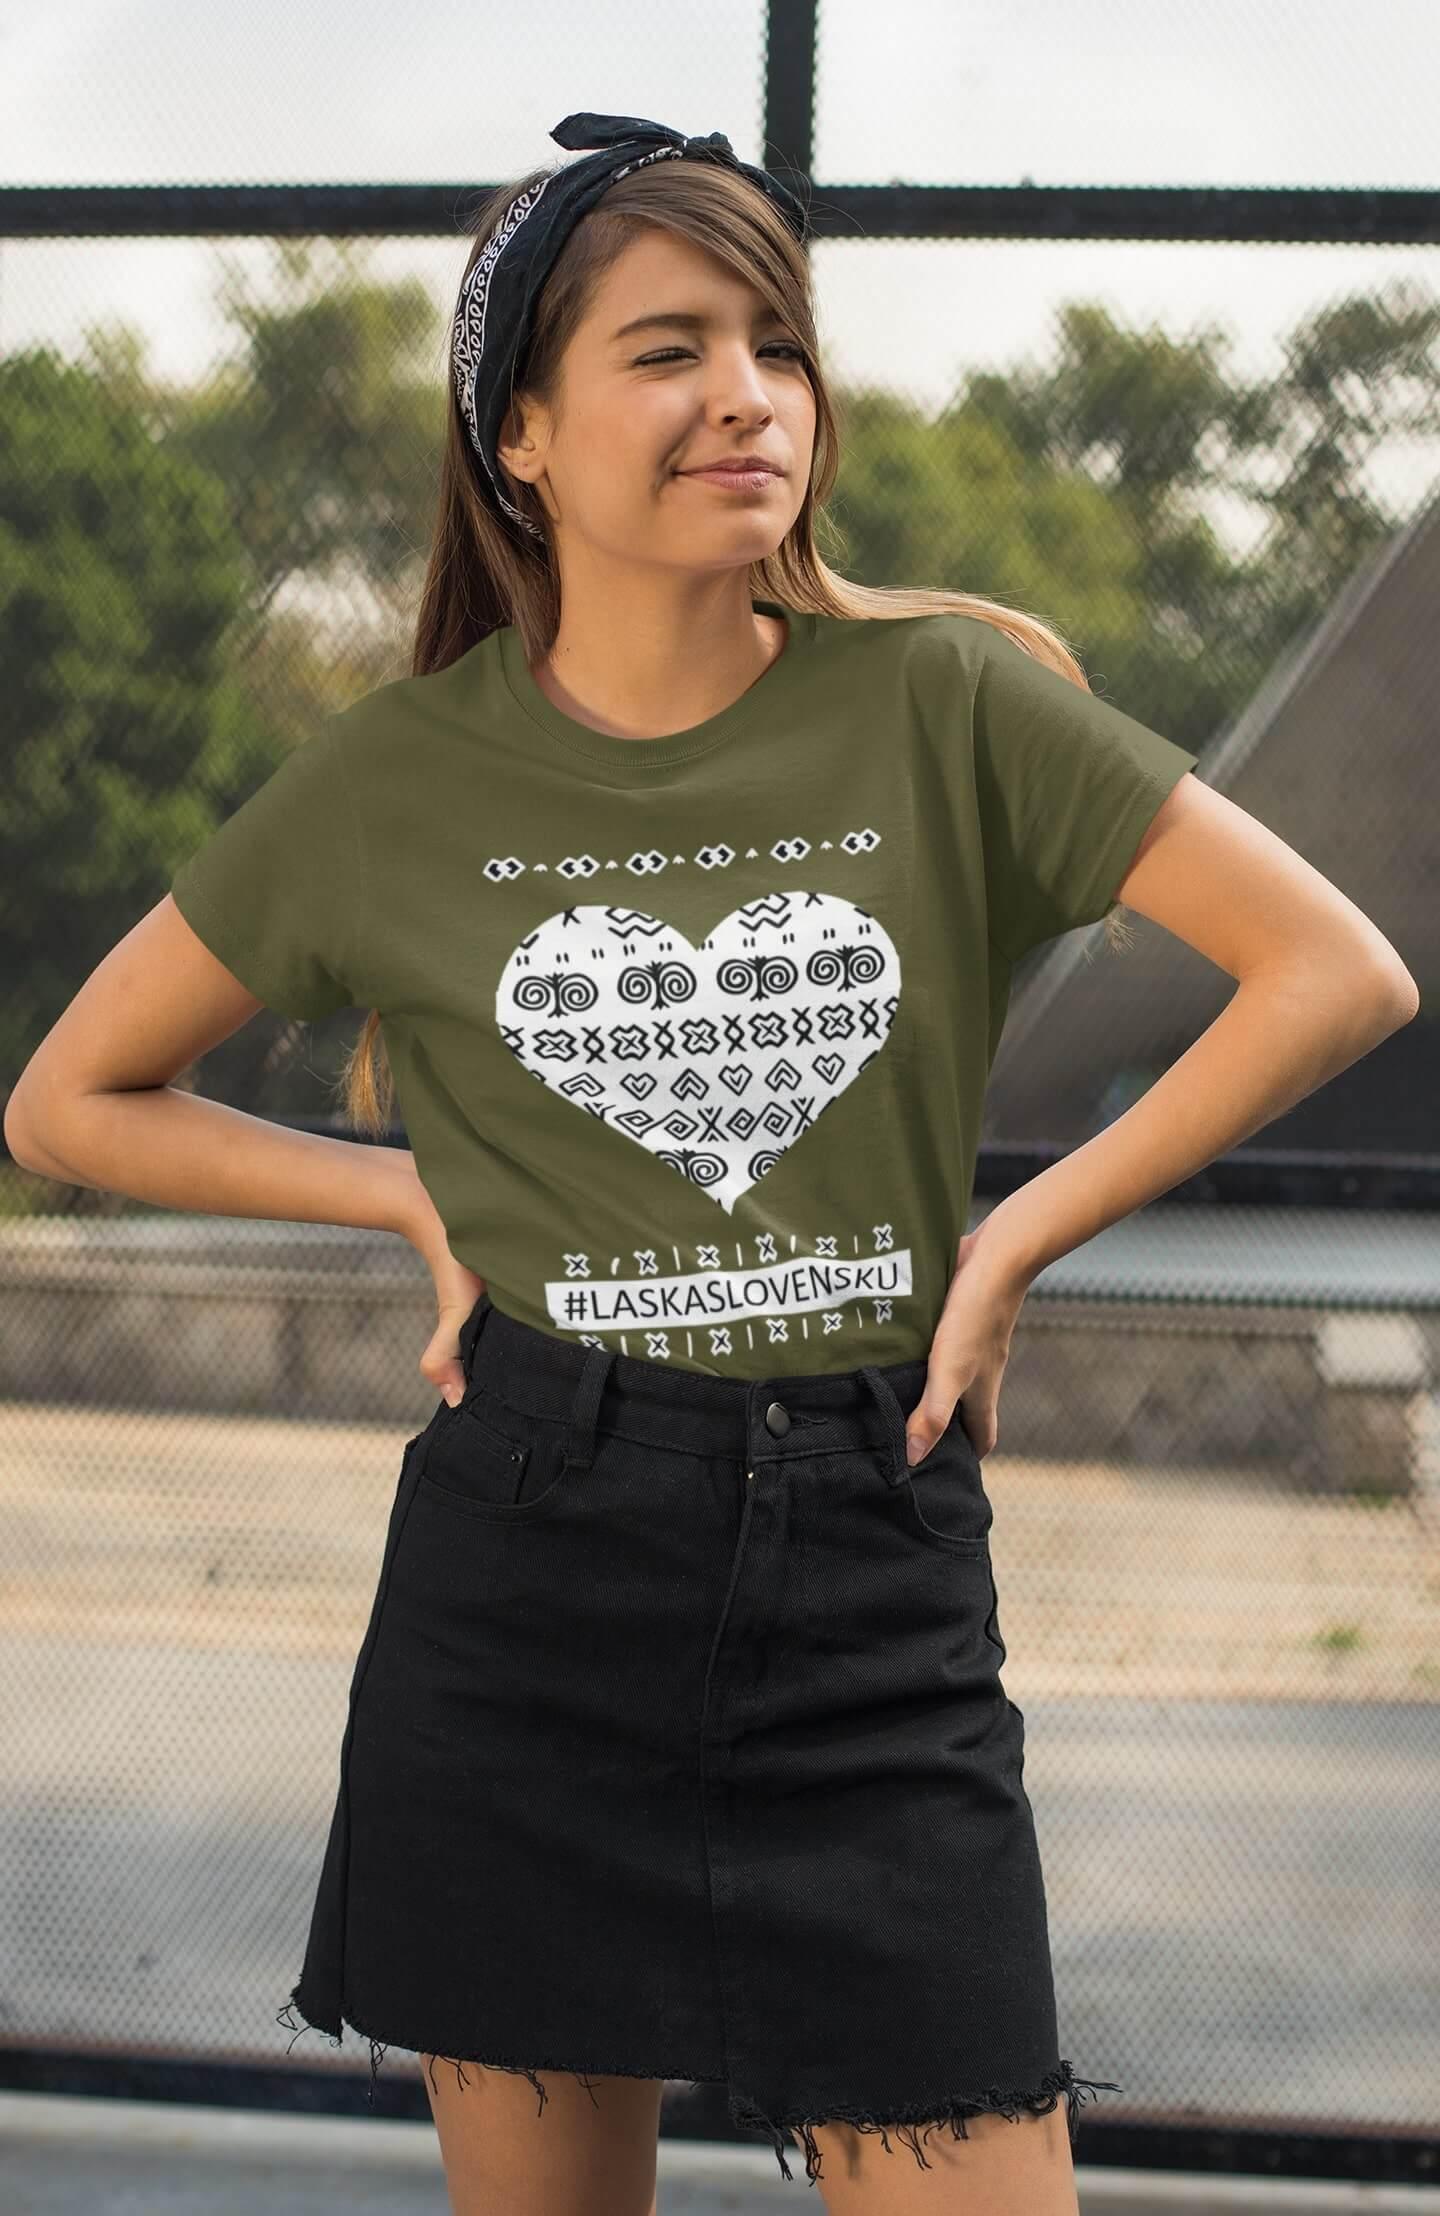 MMO Dámske tričko Láska Slovensku Vyberte farbu: Khaki, Vyberte veľkosť: XS